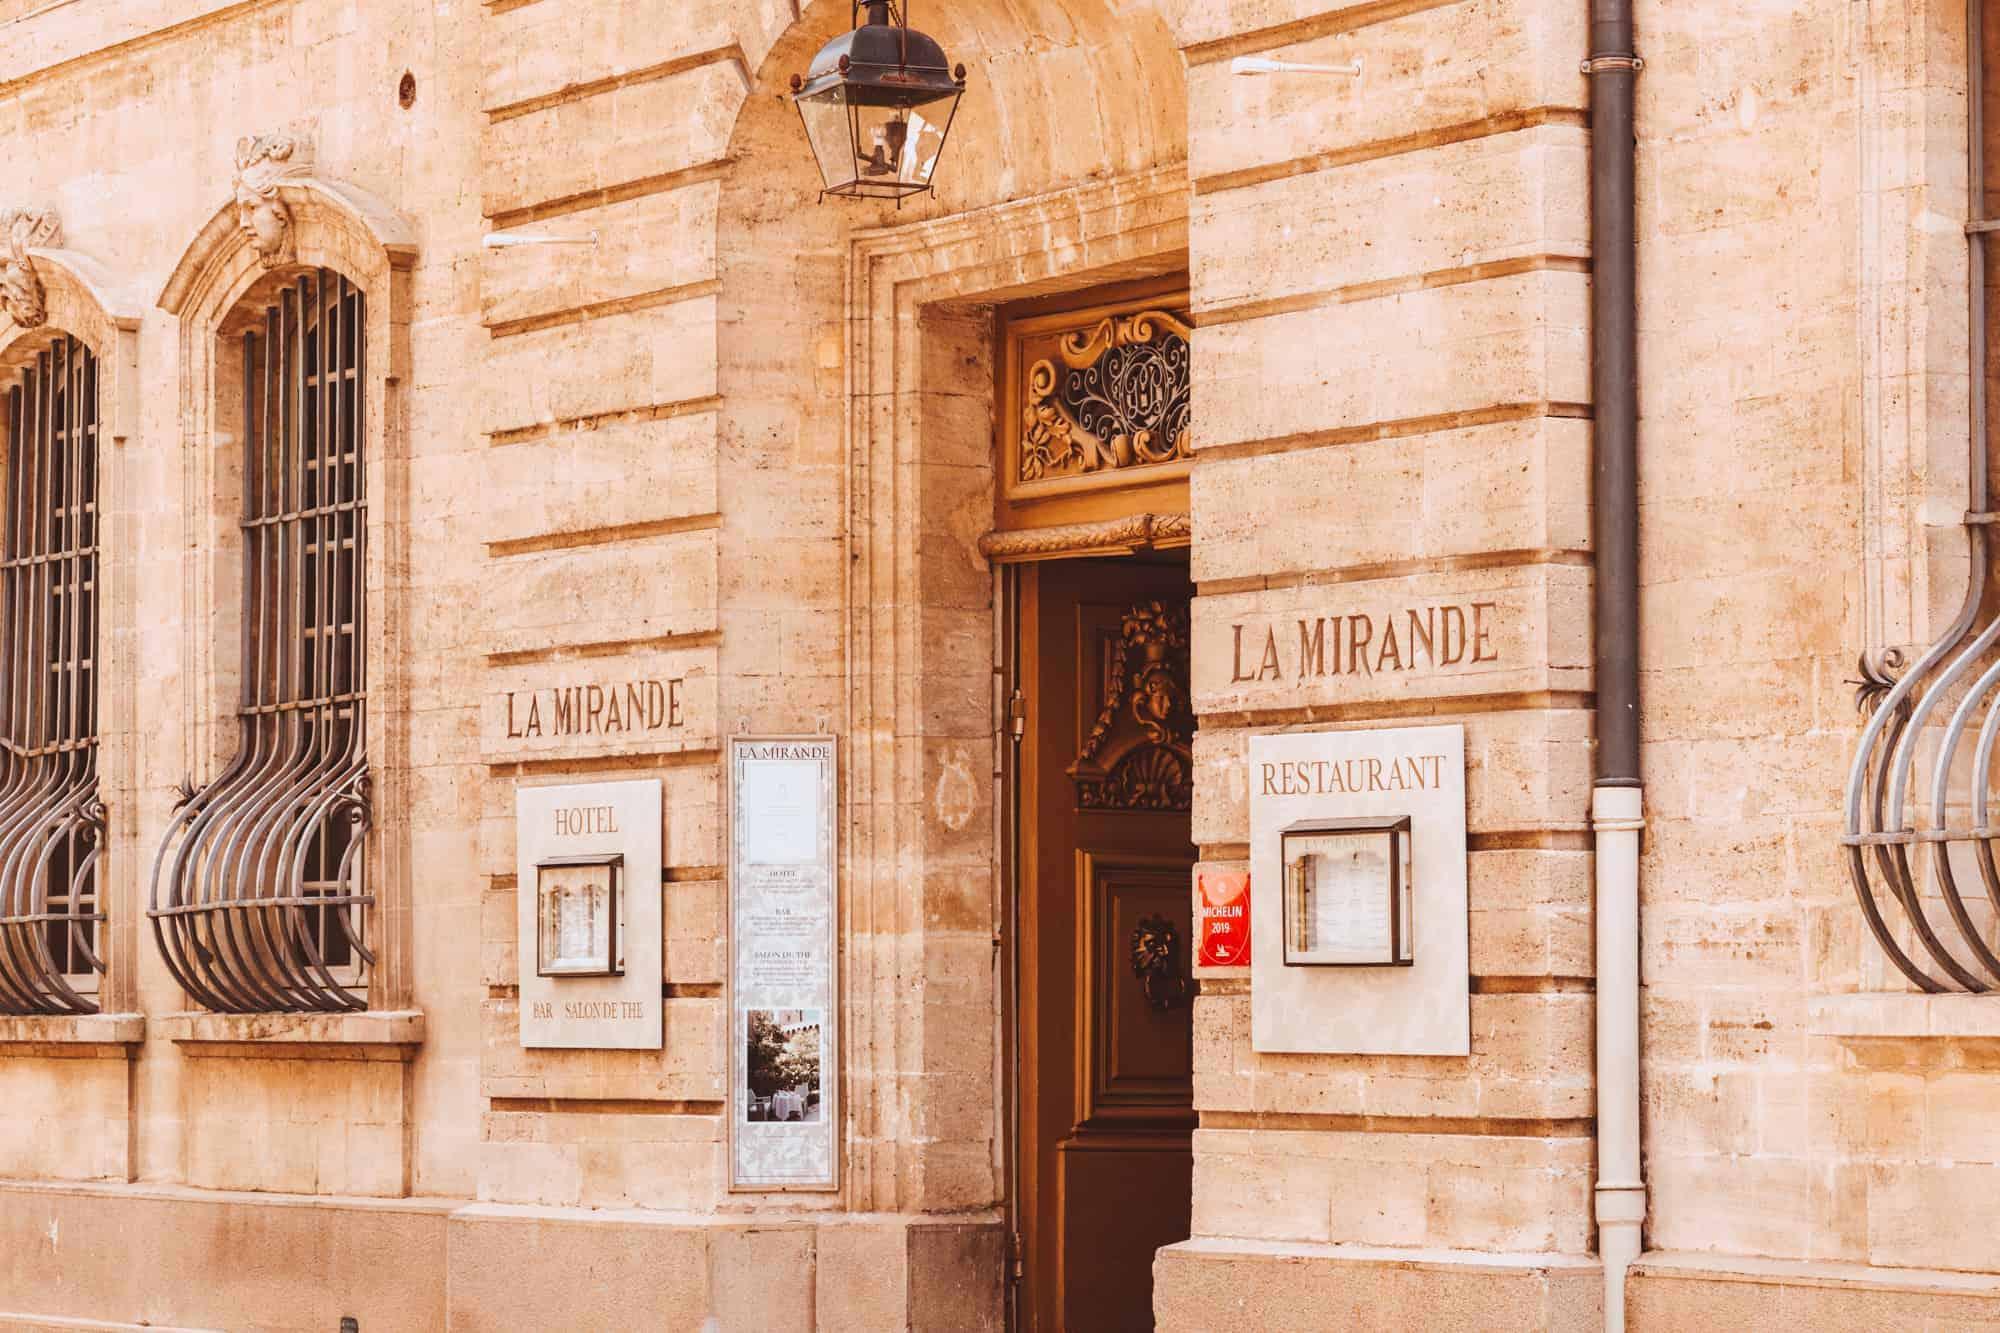 La Mirande - Boutique Hotel in Avignon